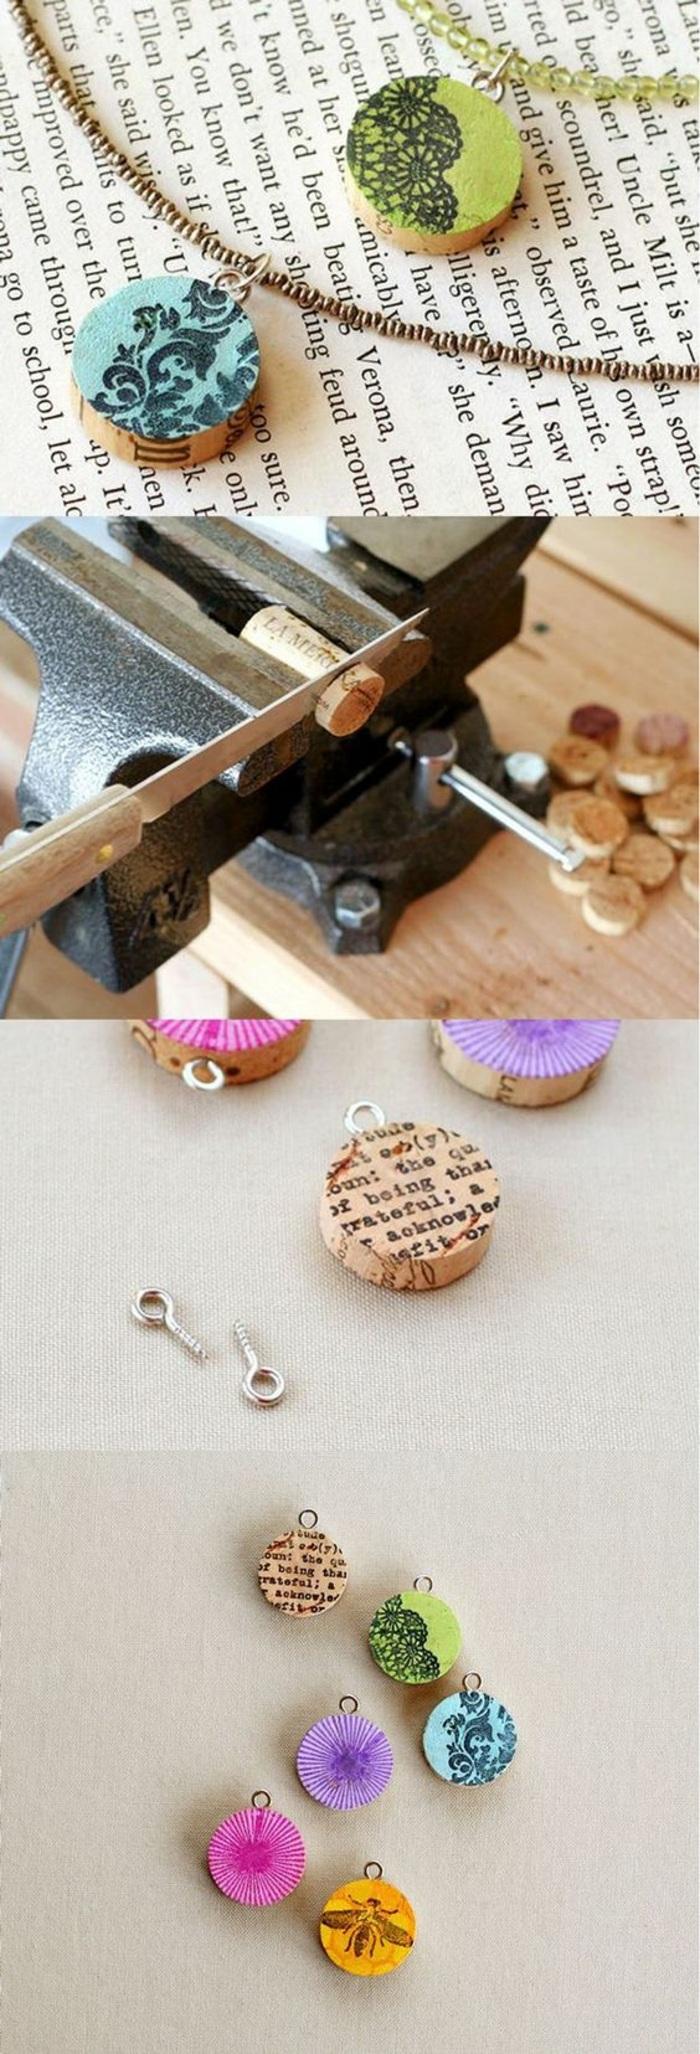 idea per oggetti fai te semplici, delle collane realizzate riciclando e decorando dei tappi in sughero